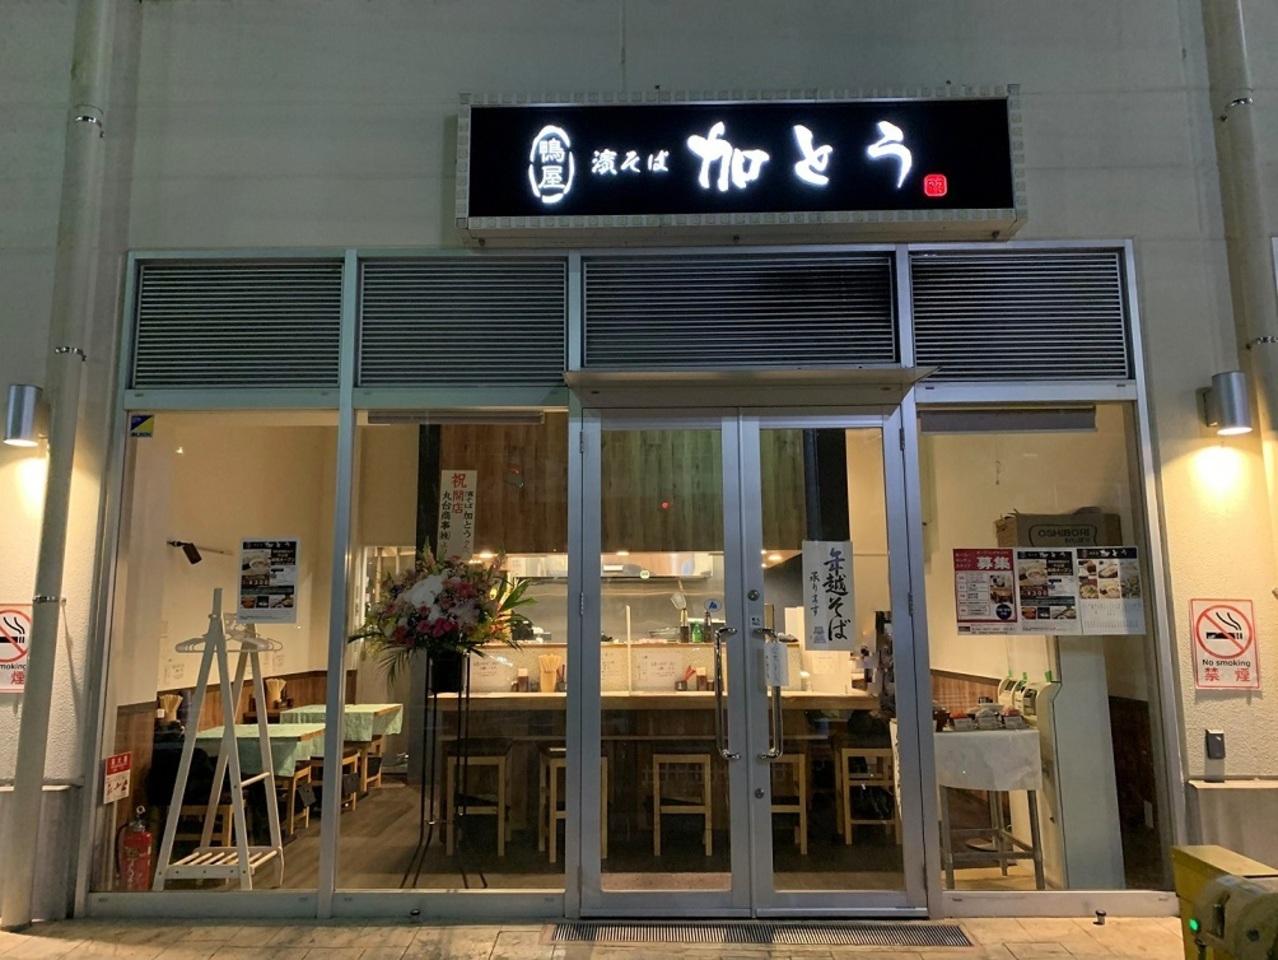 神奈川県横浜市緑区台村町に「濱蕎麦鴨屋加とう中山店」が12/20オープンされたようです。